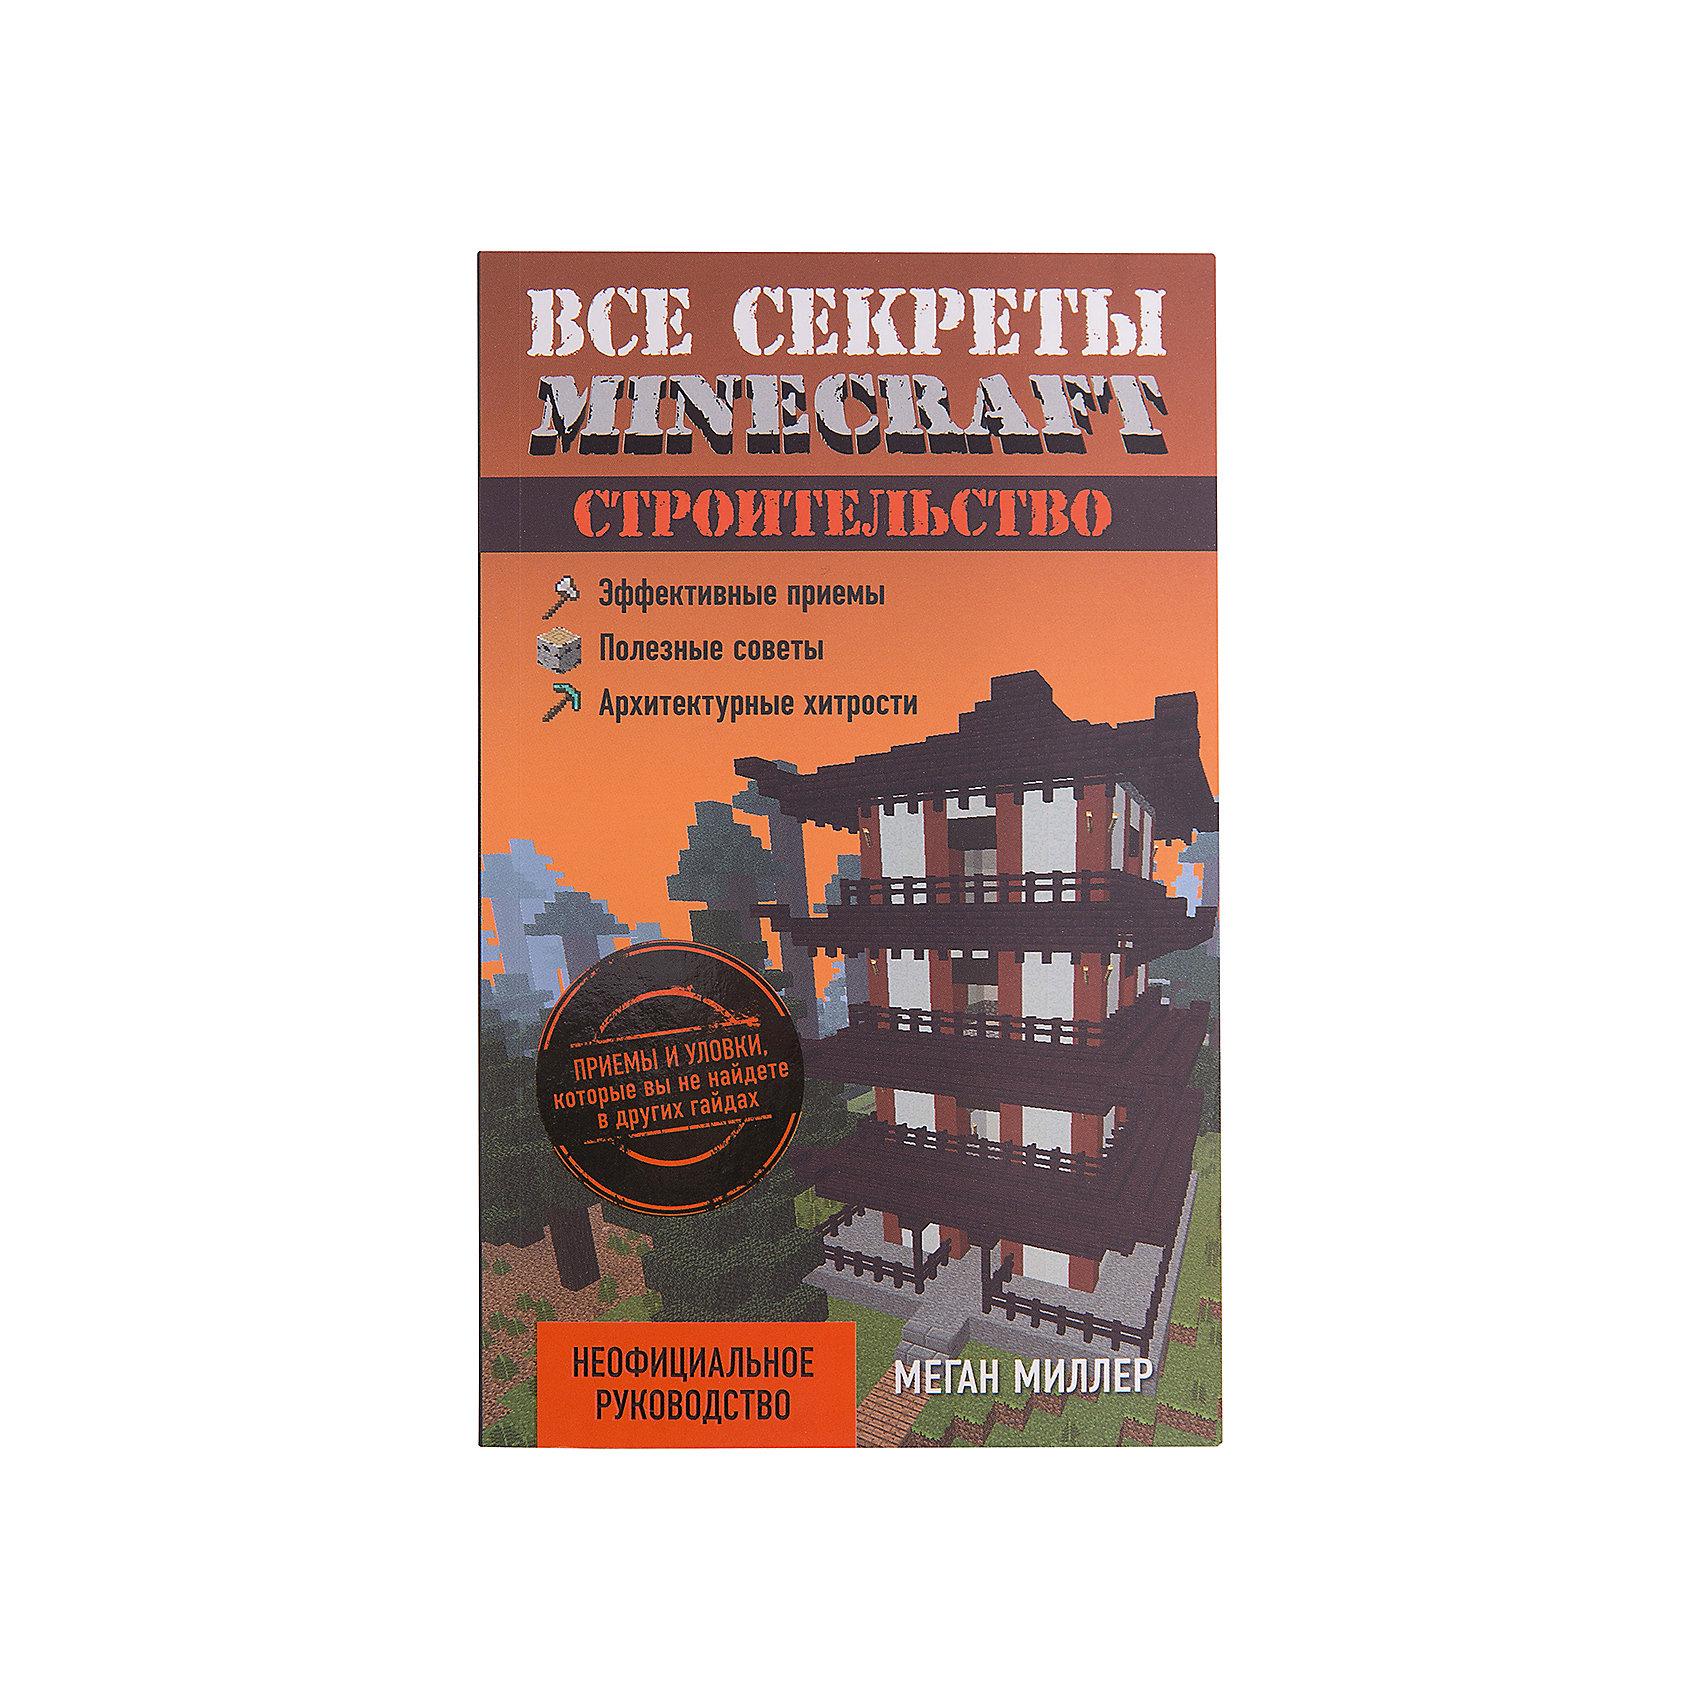 Все секреты Minecraft: СтроительствоЭксмо<br>Характеристики товара: <br><br>• ISBN: 9785699860982<br>• возраст от: 10 лет<br>• формат: 84x108/32<br>• бумага: мелованная<br>• обложка: мягкая<br>• серия: Minecraft<br>• издательство: Эксмо-Пресс<br>• иллюстрации: черно-белые<br>• автор: Миллер Меган<br>• переводчик: Райтман М. А.<br>• количество страниц: 128<br>• размеры: 20x13 см<br><br>Издание «Все секреты Minecraft: Строительство» - проводник в многофункциональной игре-песочнице. Из него можно узнать, какие ресурсы можно использовать для отделки помещений, как сделать мебель, как создать дом и сделать модель настоящей постройки!<br><br>Minecraft - это современная игра, имеющая множество поклонников. Любители этого мира будут в восторге от этого издания.<br><br>«Все секреты Minecraft: Строительство» можно купить в нашем интернет-магазине.<br><br>Ширина мм: 200<br>Глубина мм: 125<br>Высота мм: 50<br>Вес г: 260<br>Возраст от месяцев: 192<br>Возраст до месяцев: 2147483647<br>Пол: Унисекс<br>Возраст: Детский<br>SKU: 5535334